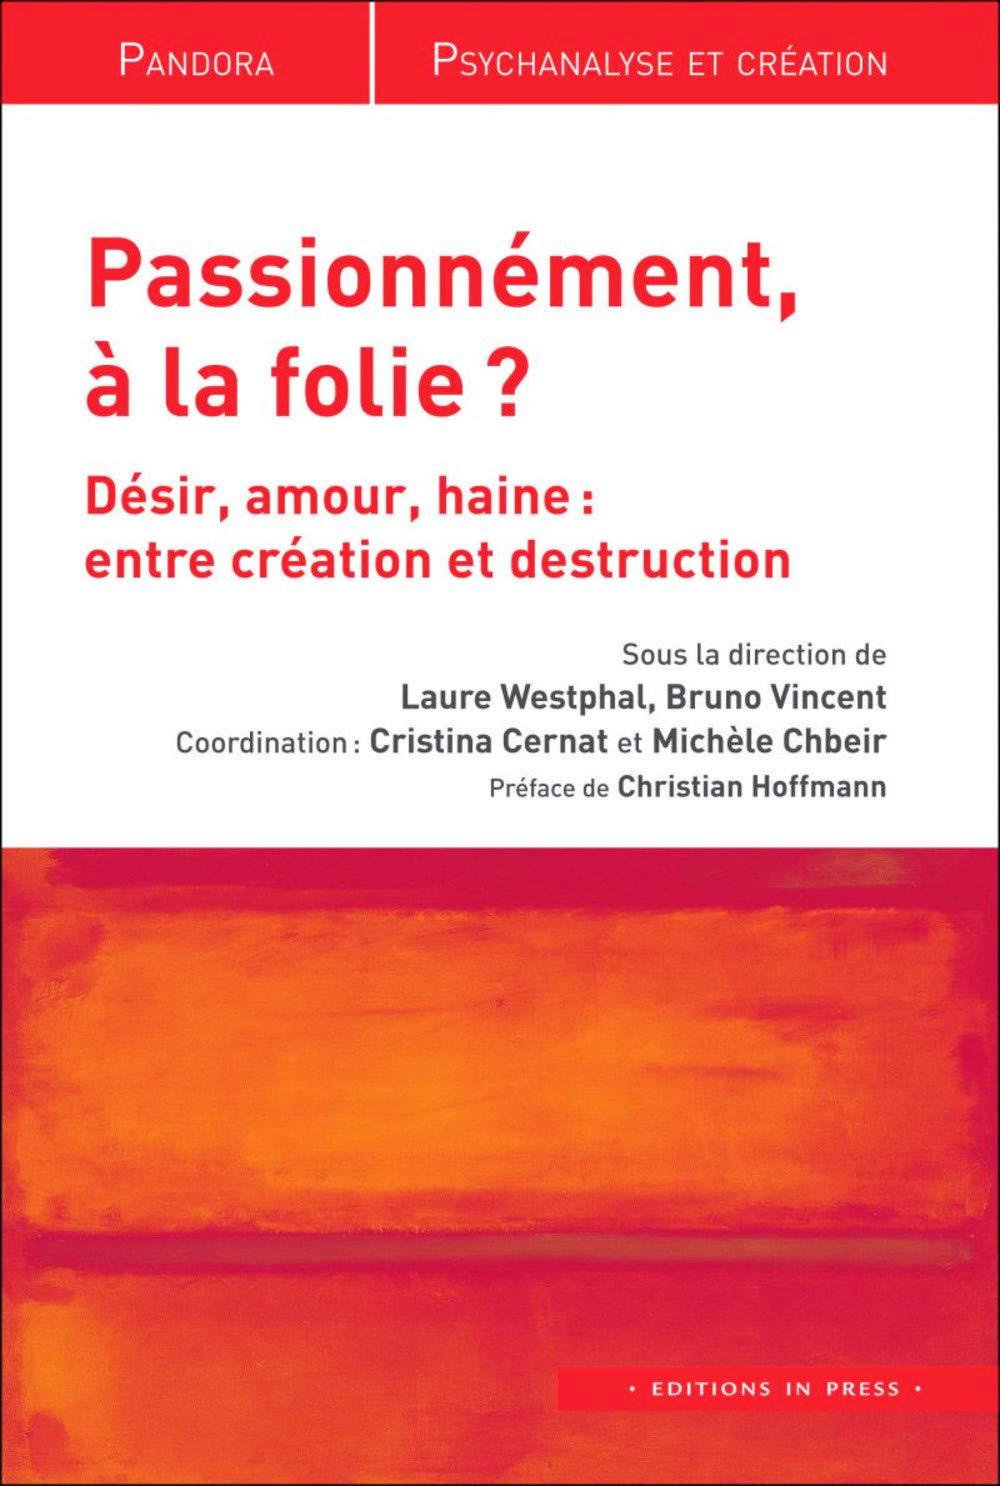 Passionnément, à la folie?  Désir, amour, haine: entre création et destruction